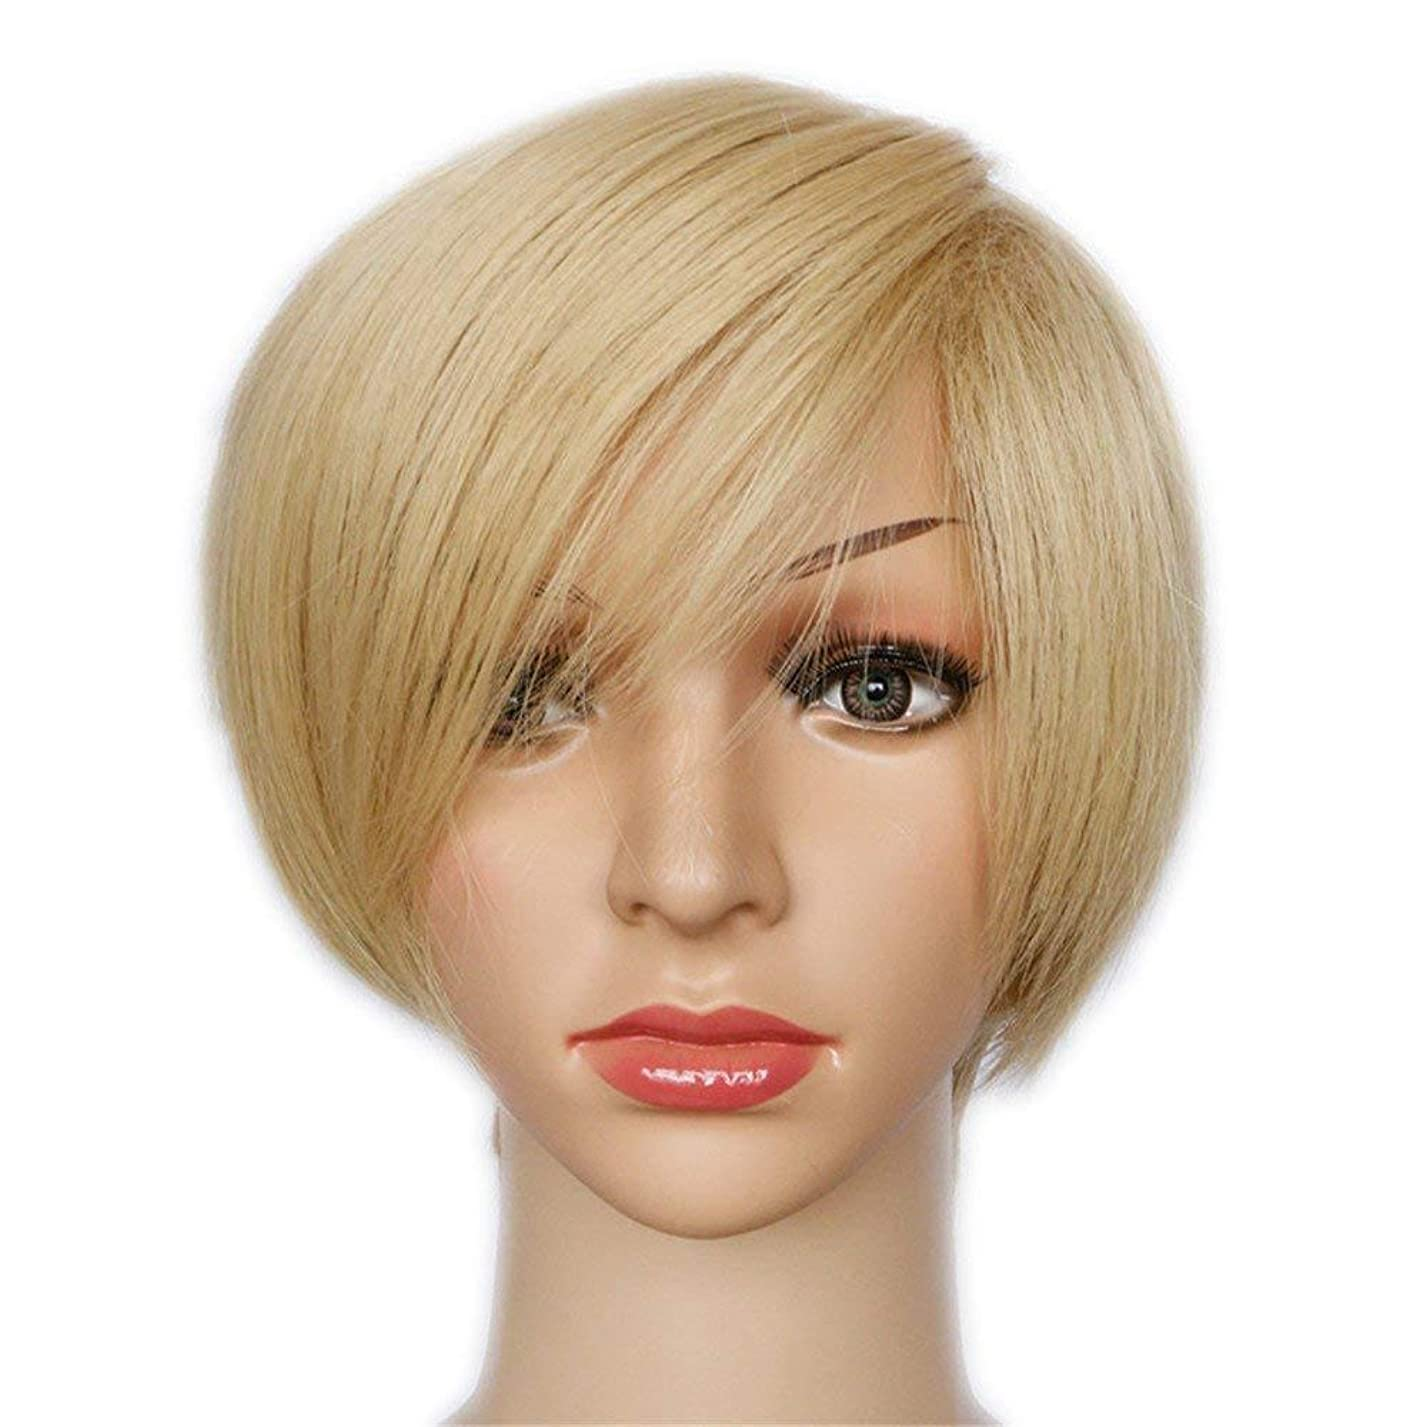 リング店員宇宙のYrattary ブロンドの自然なショートボブストレートヘアの女性のファッションかつら無料キャップ付き女性前髪かつらレースのかつらロールプレイングかつら (色 : Blonde)